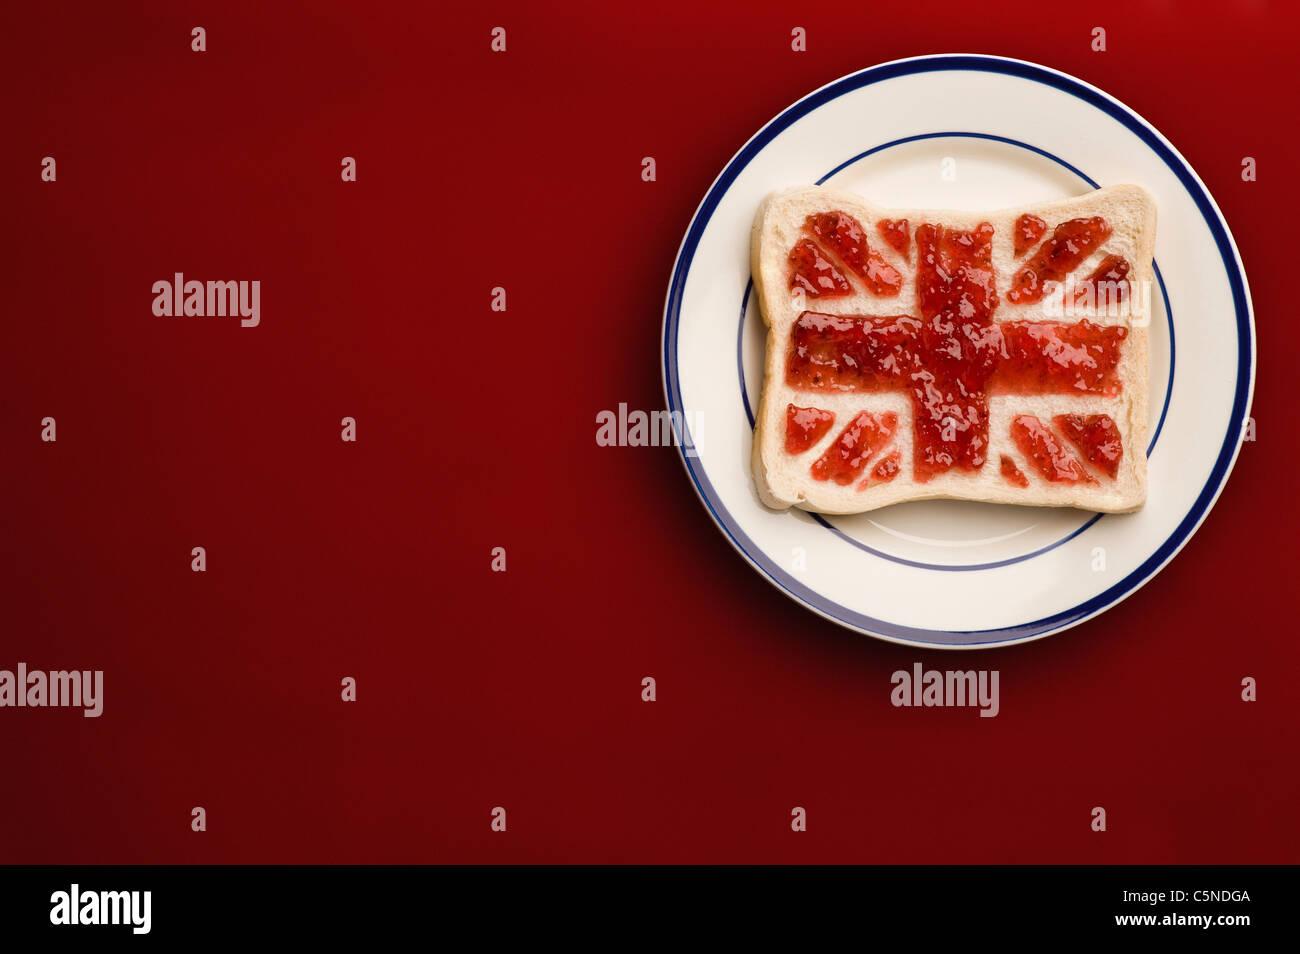 Une tranche de pain avec un Union Jack flag de la confiture de fraise Photo Stock